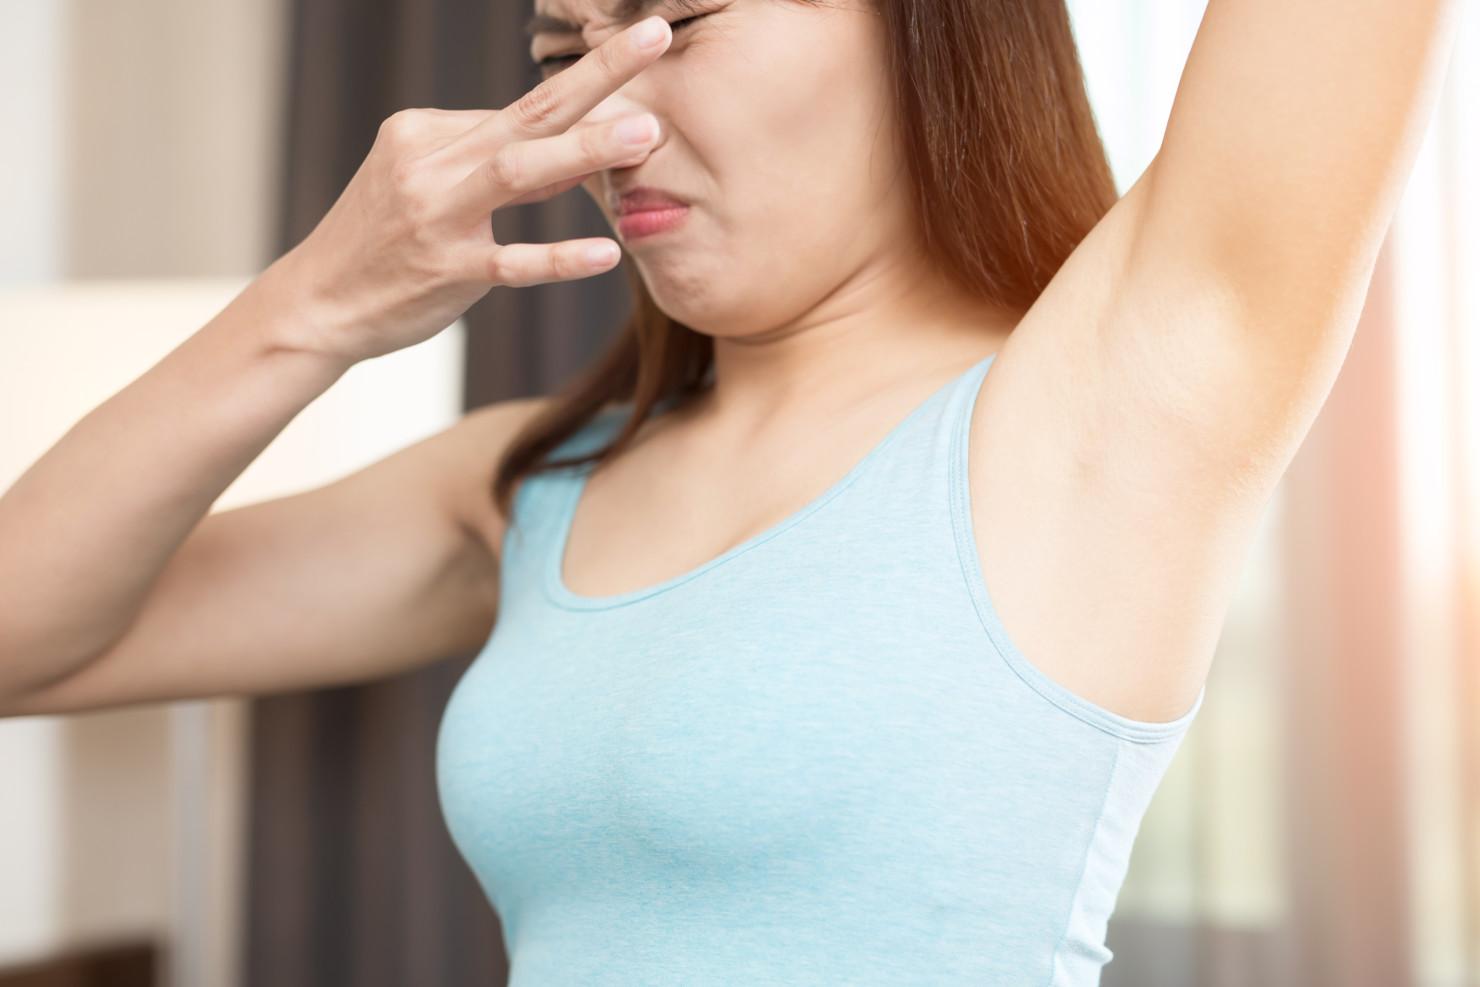 Nadpotliwości jak walczyć zmokrą plamą podpachą